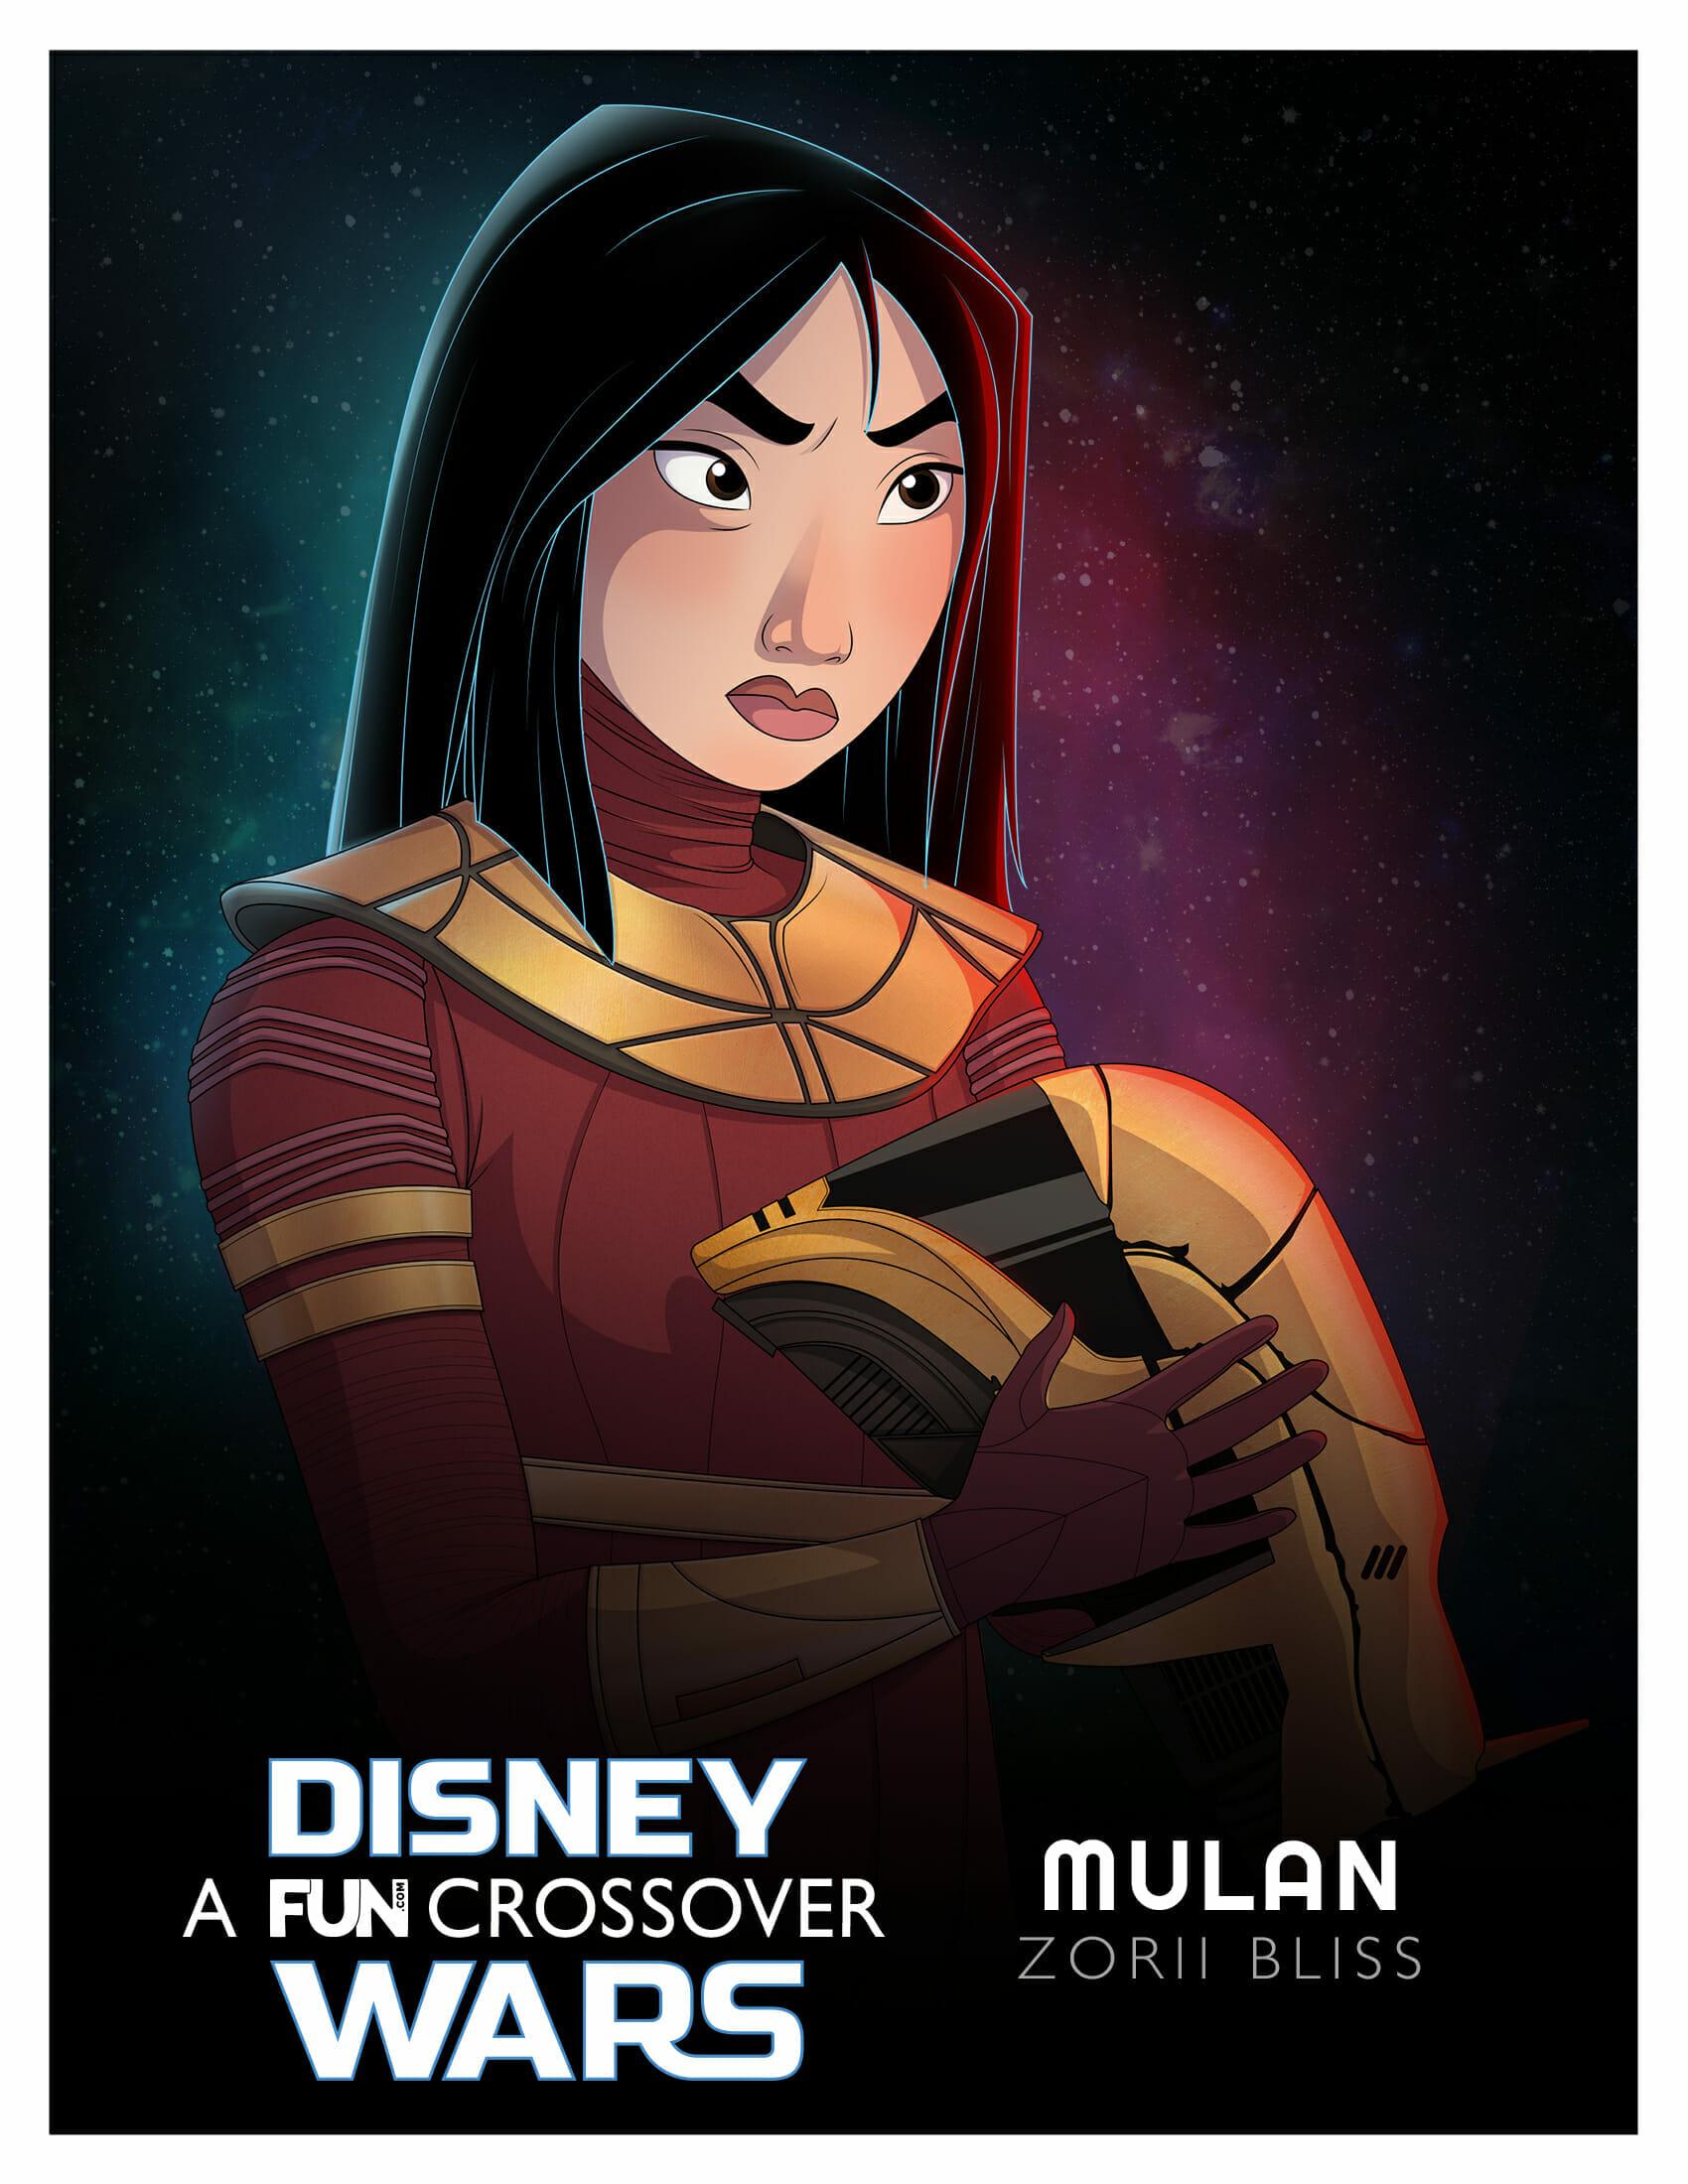 Mulan Zorii Bliss